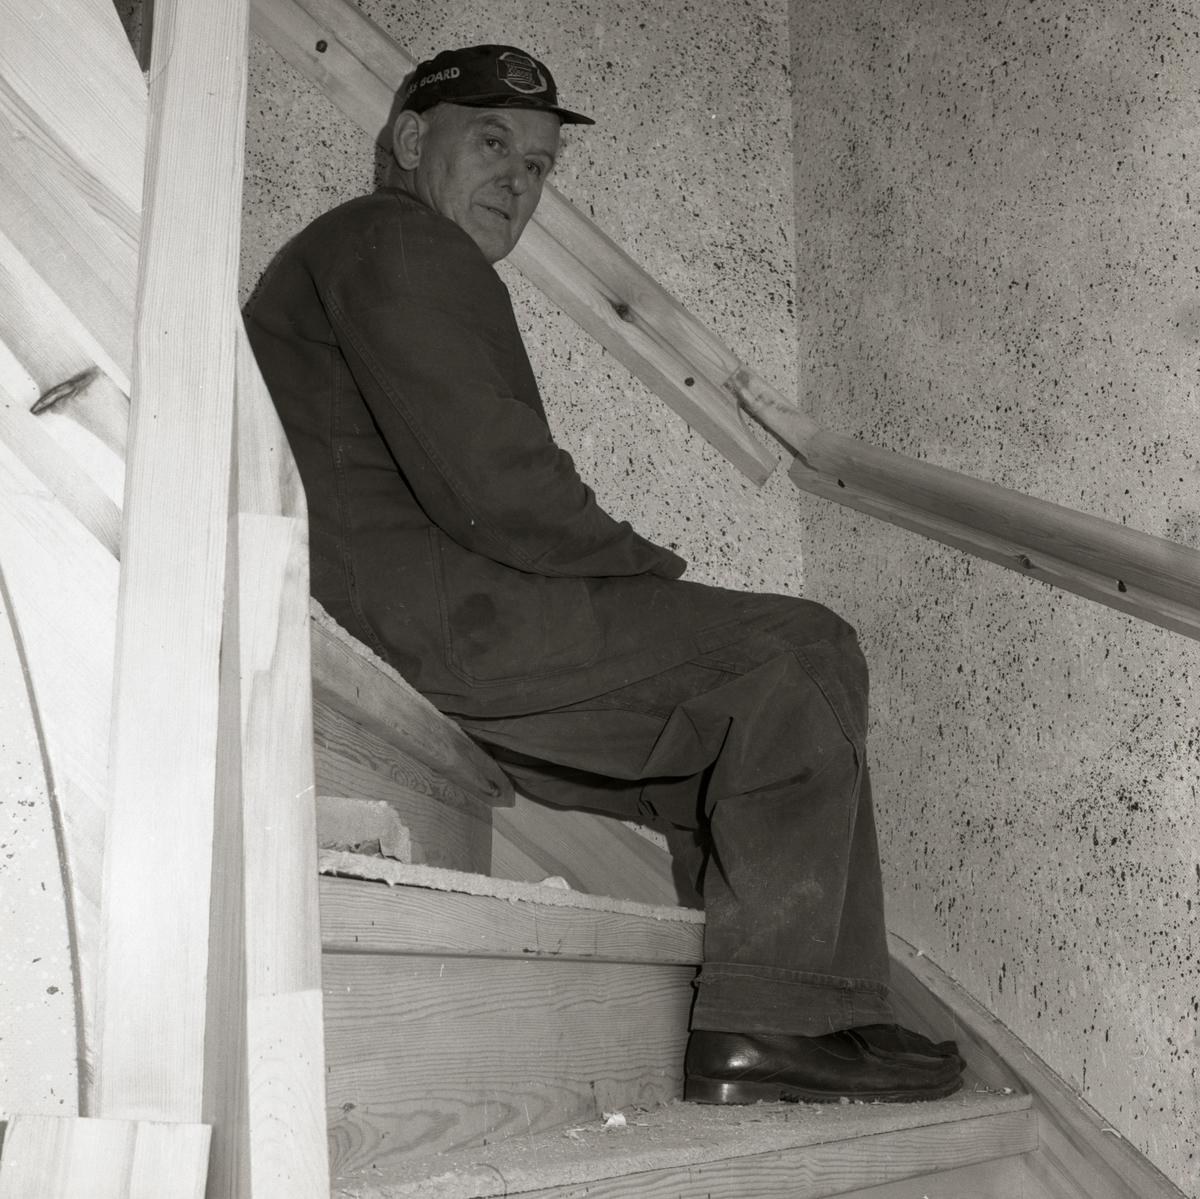 En man sitter i en trappa där väggarna är stänkmålade, 1967-68 vid gården Sunnanåker.